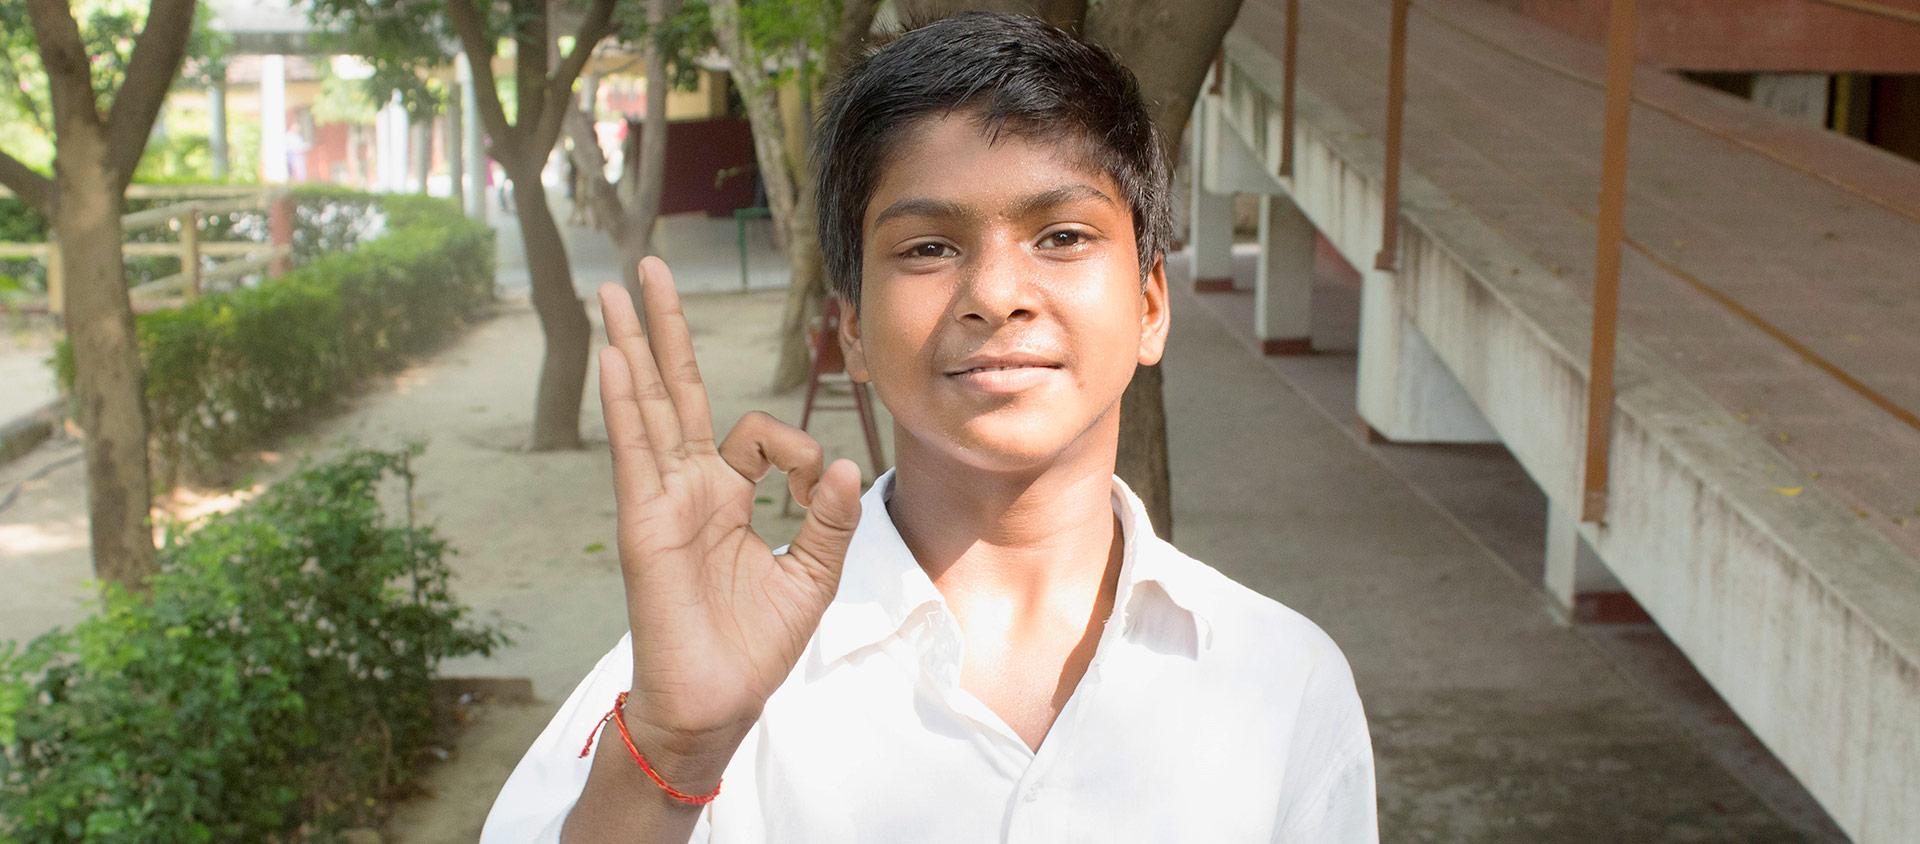 Baboo, som är 14 år, är döv och går i skolan i Indien.